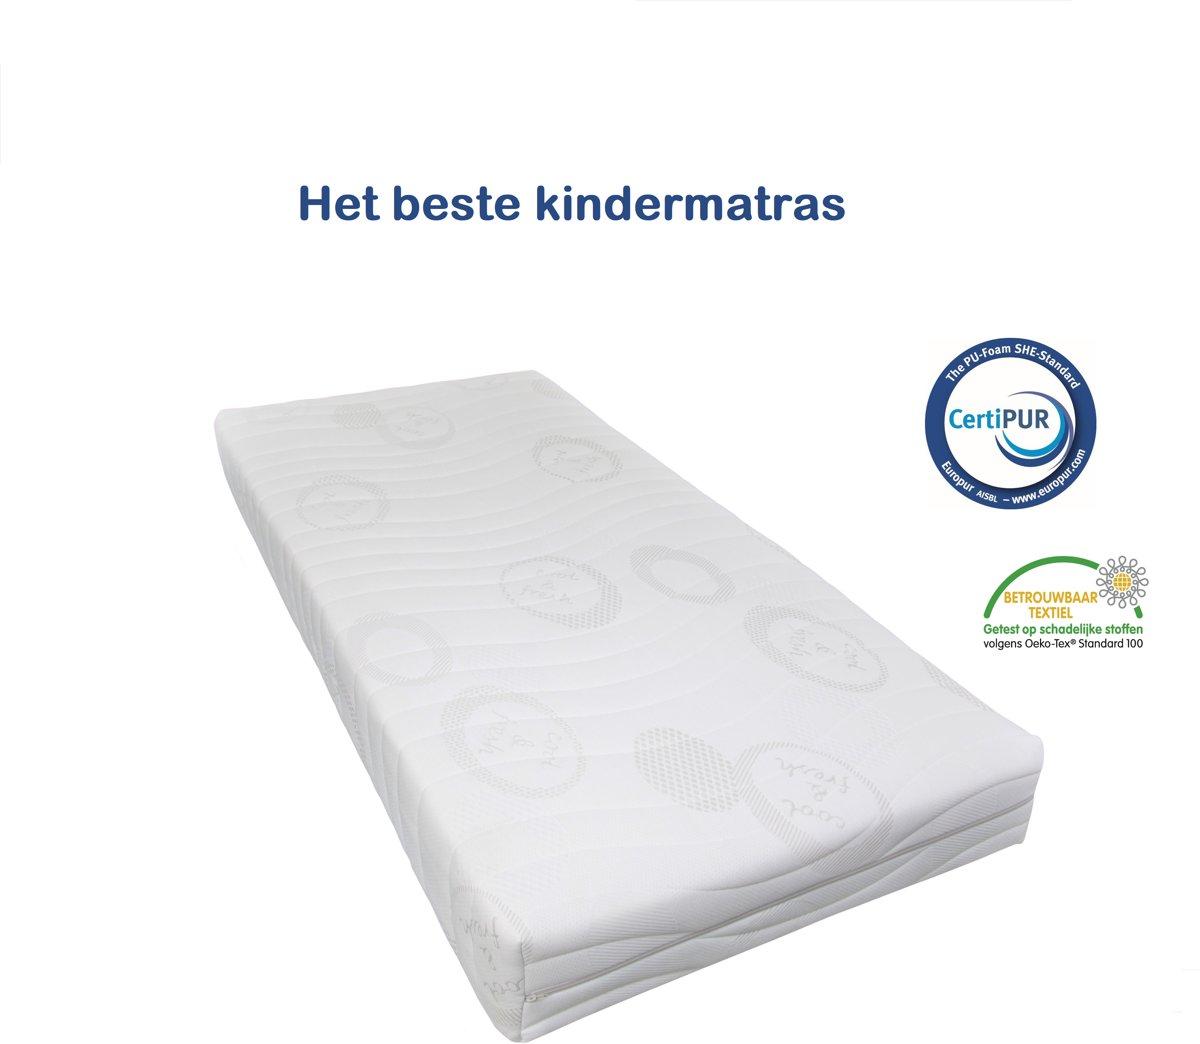 Luxe kindermatras COOLTOUCH – veilig en gecertificeerd - 100dagen proefslapen - 90x200